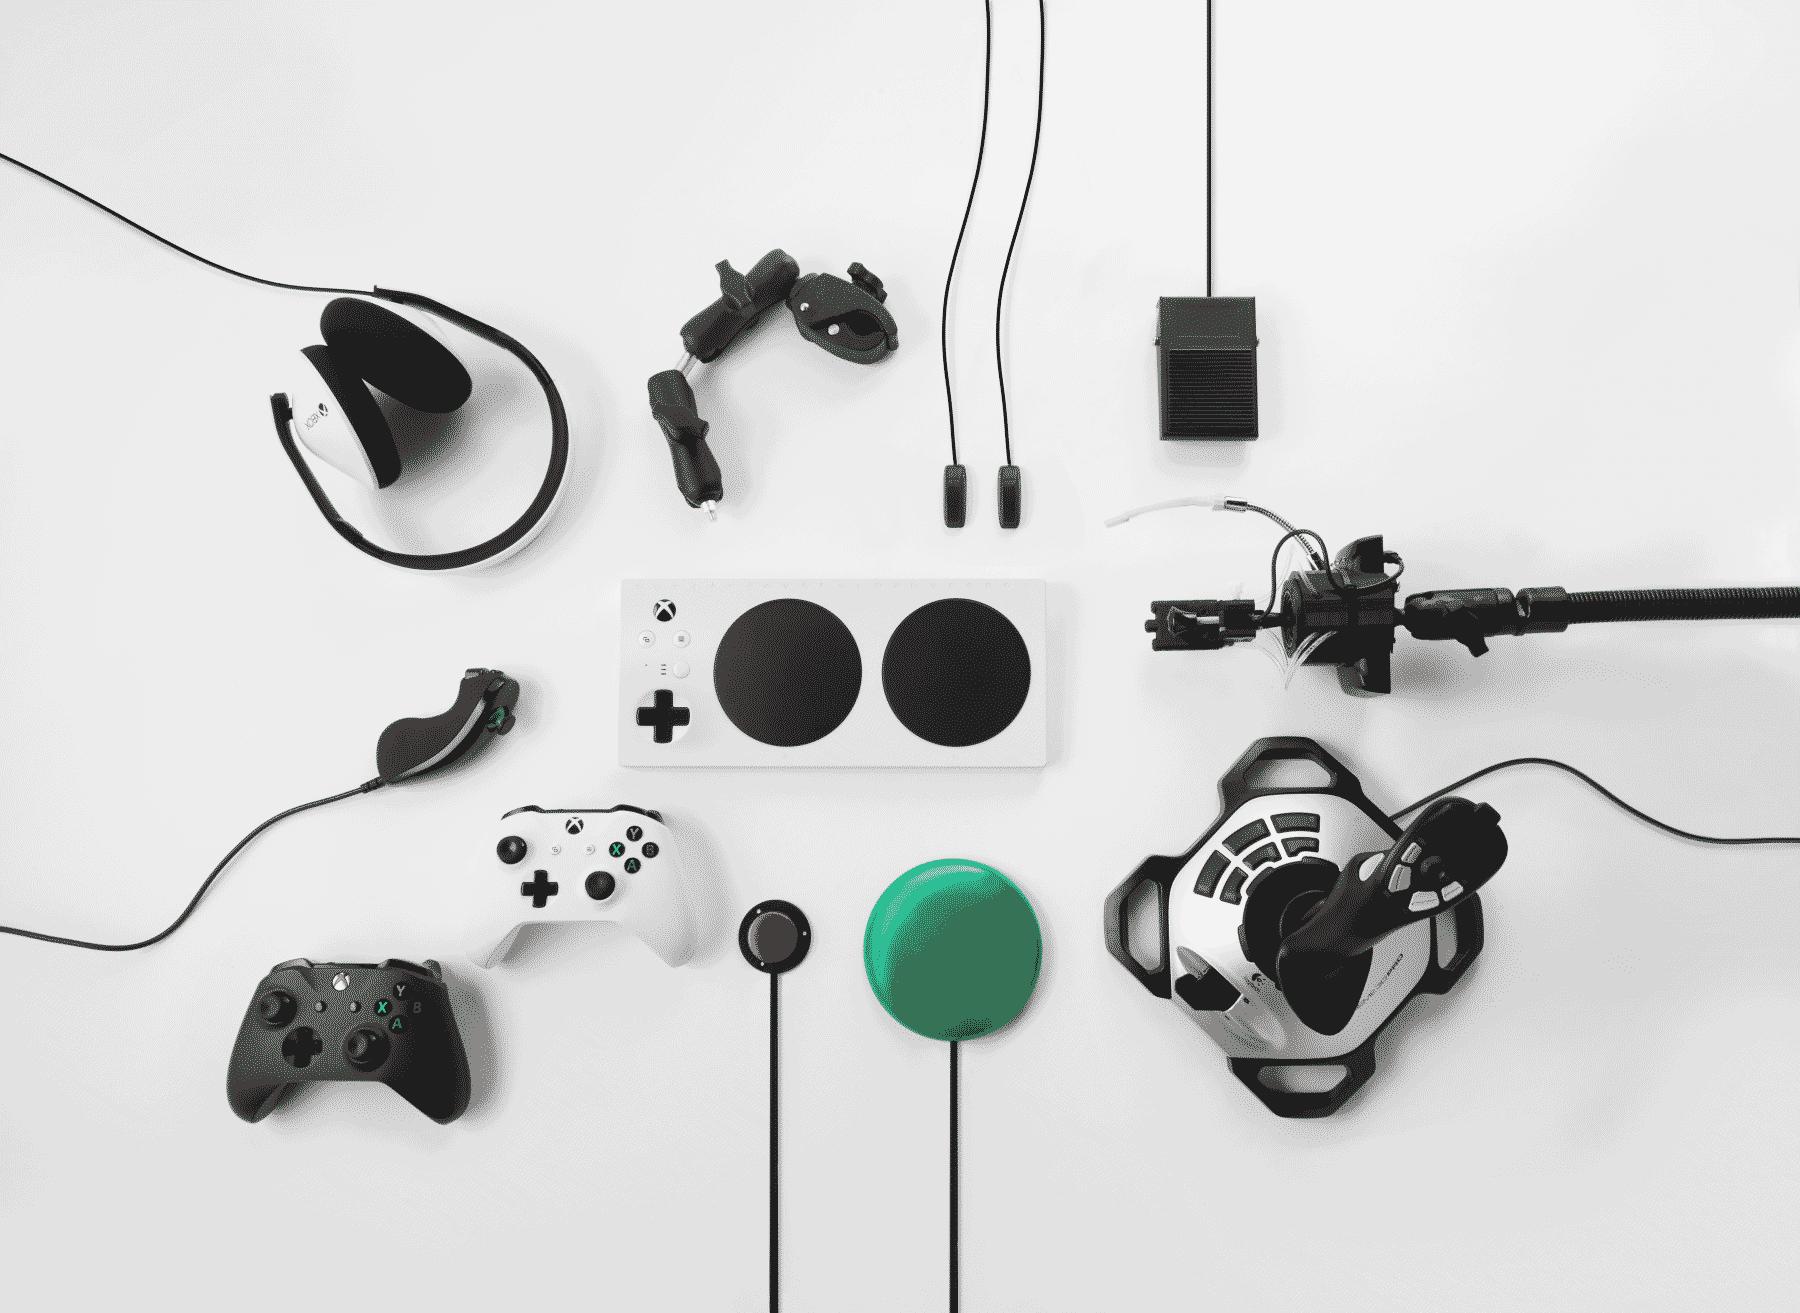 met deze controller kan iedereen gamen